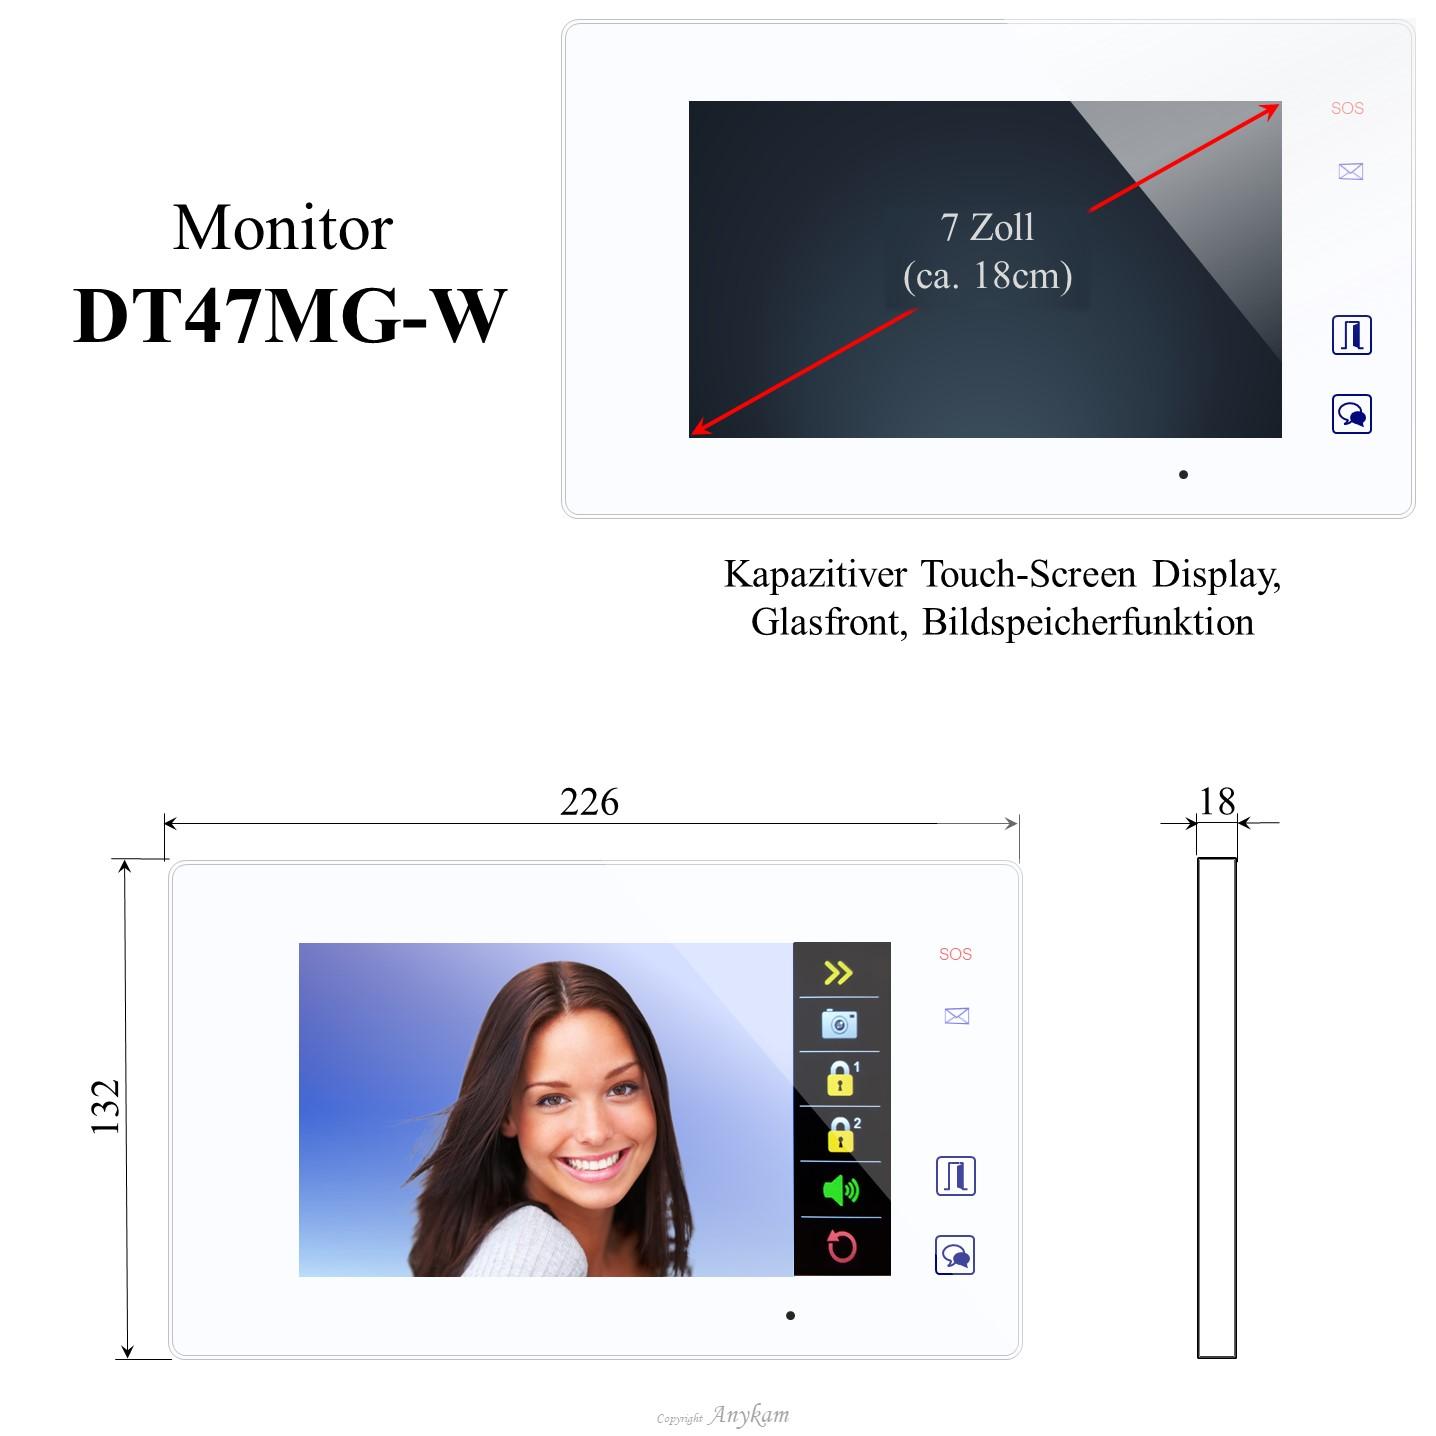 Innenstation der Videosprechanlage mit 2Draht Technik